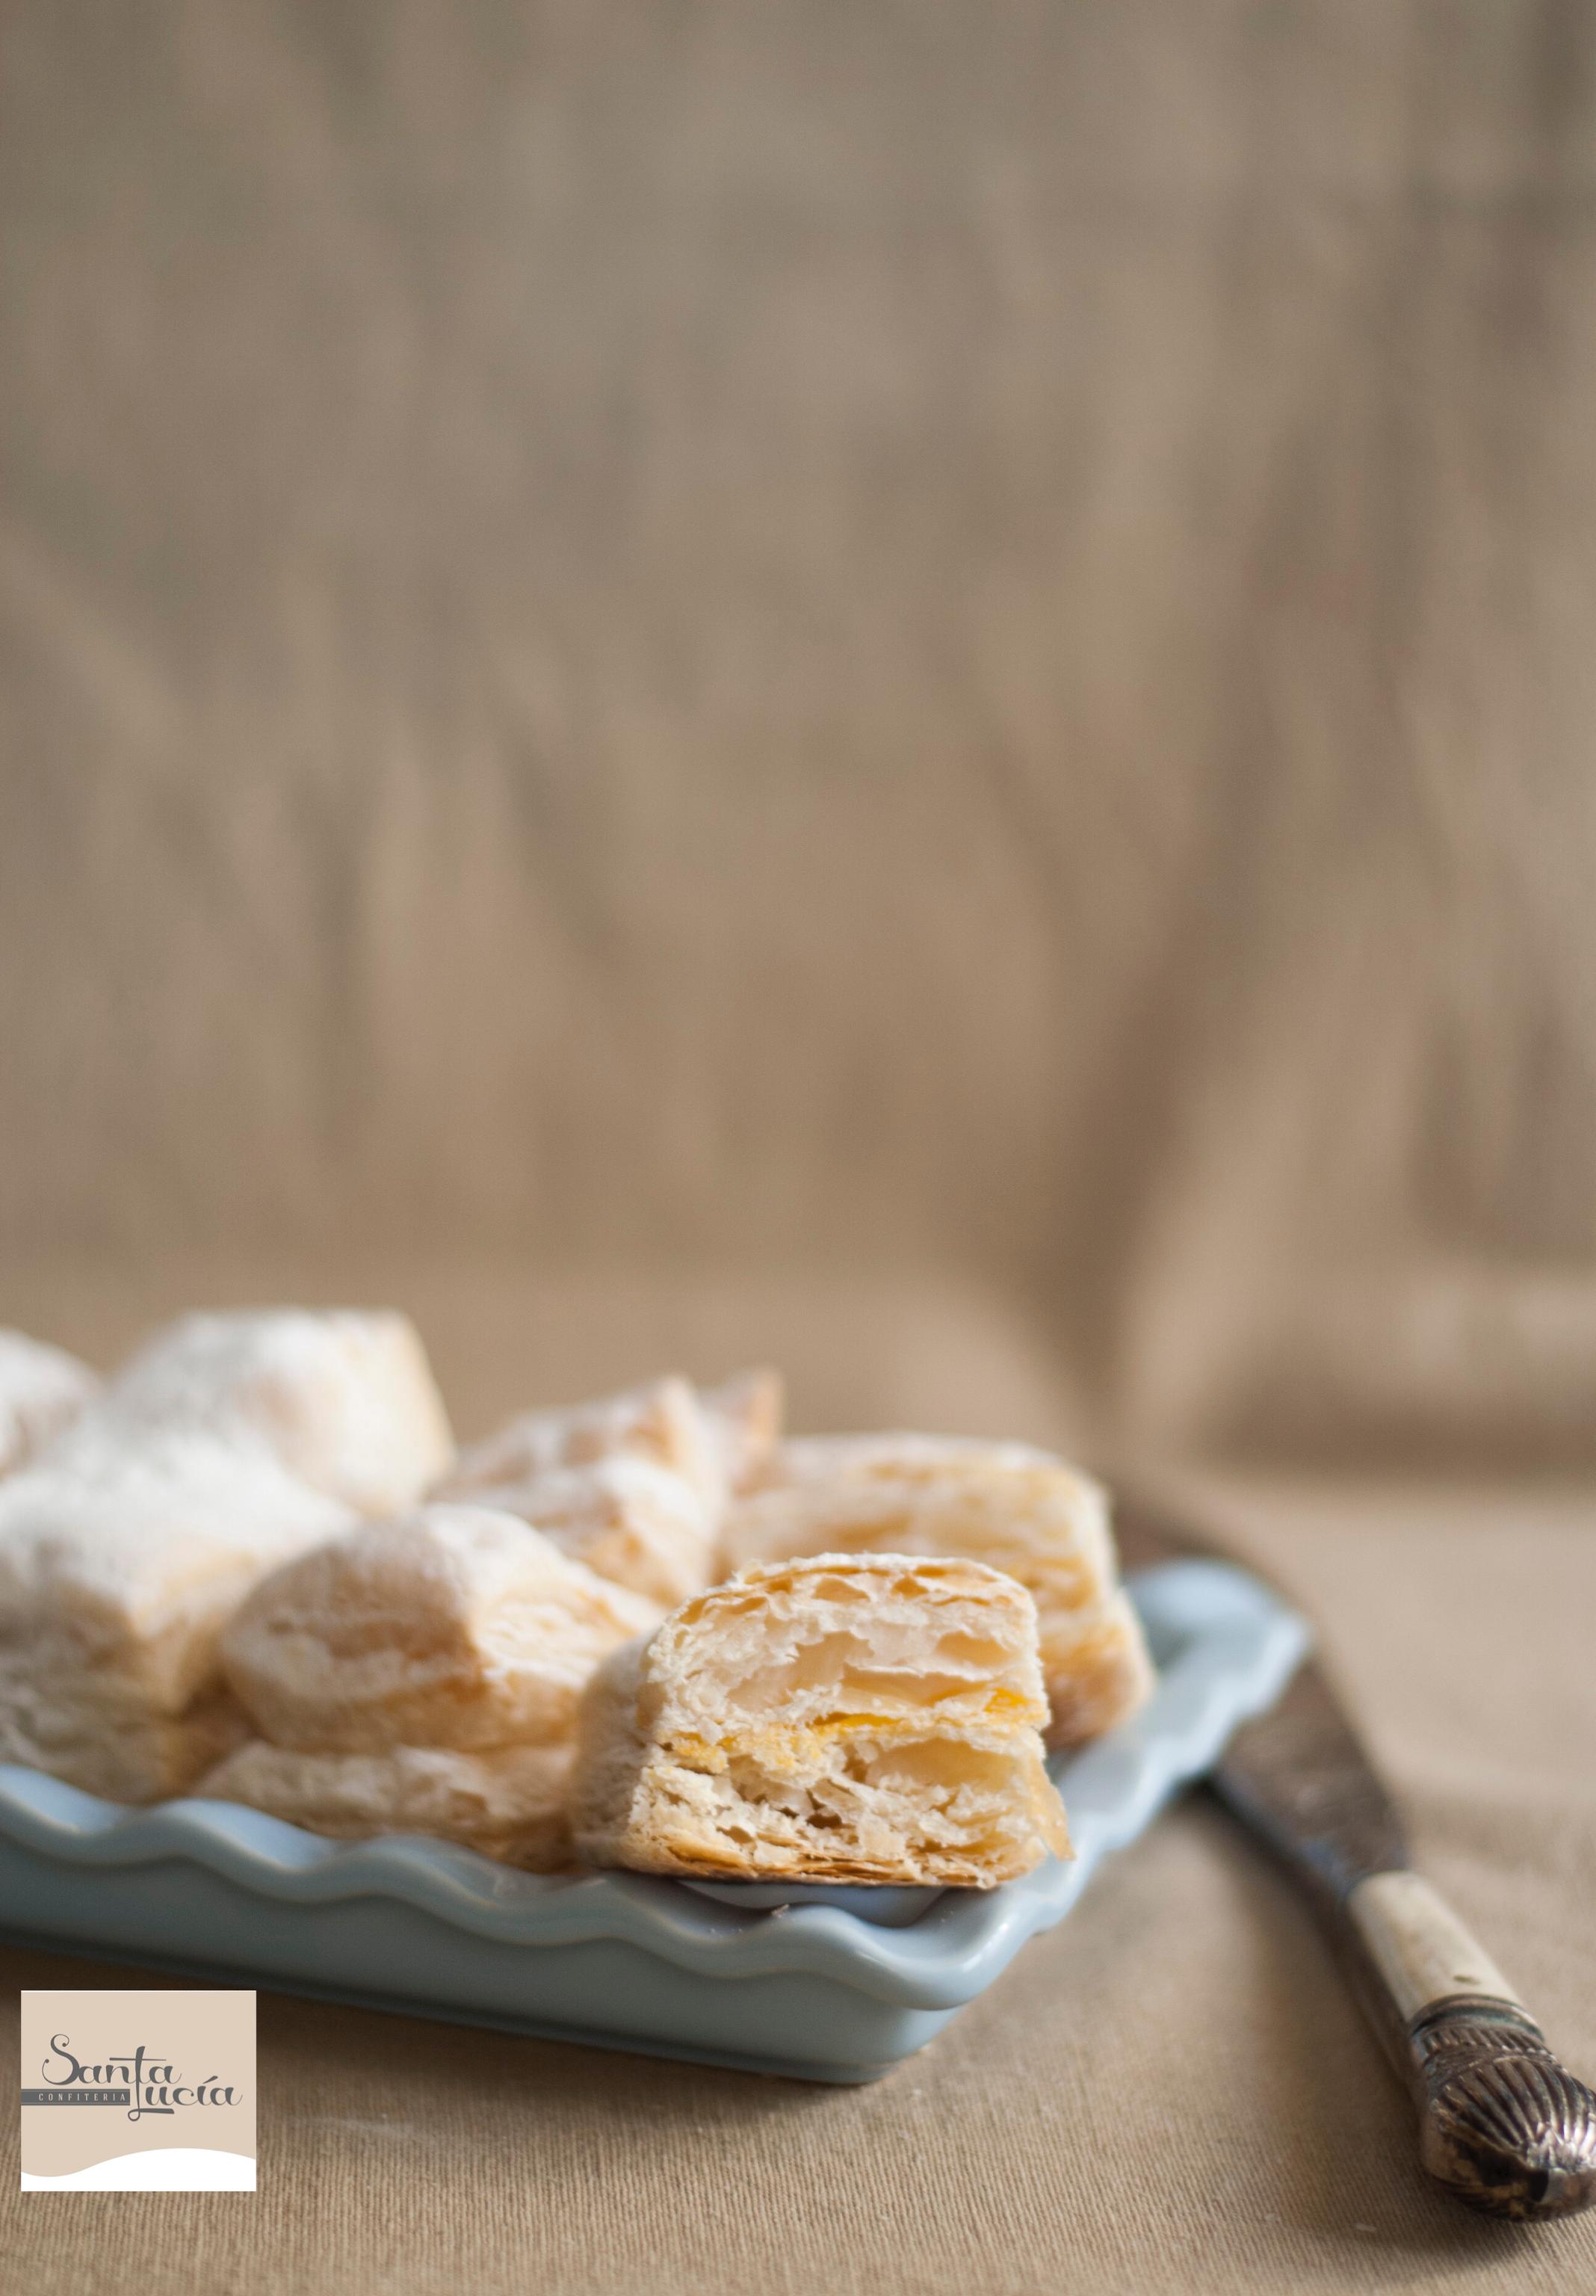 Fin de semana para disfrutar ... para tomar un café con nuestros hojaldres (mirad el interior) y disfrutar a tope!!! #dulce #tartas #desserts #postres #chocolate #goloso #tasty #encargos #picoftheday #sweet #pastelería #food #instafood #cake #gastronomia #pastry #pastryshop #instagram #patisserie #patissier #plazamayordesalamanca #salamanca